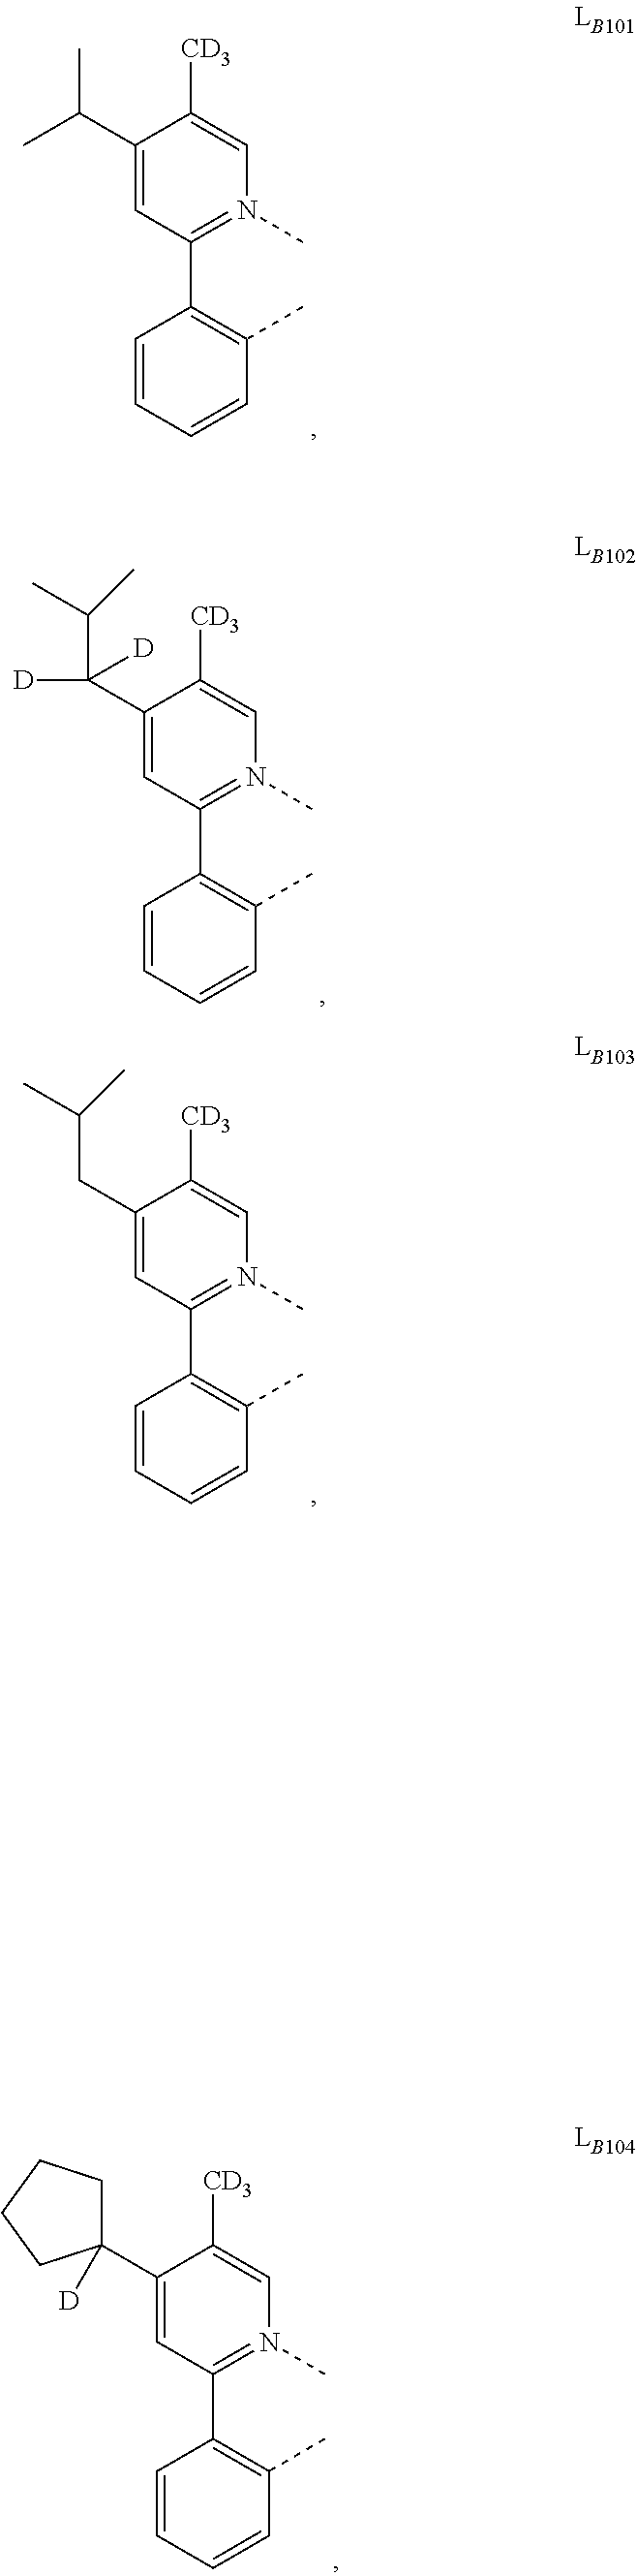 Figure US20160049599A1-20160218-C00517